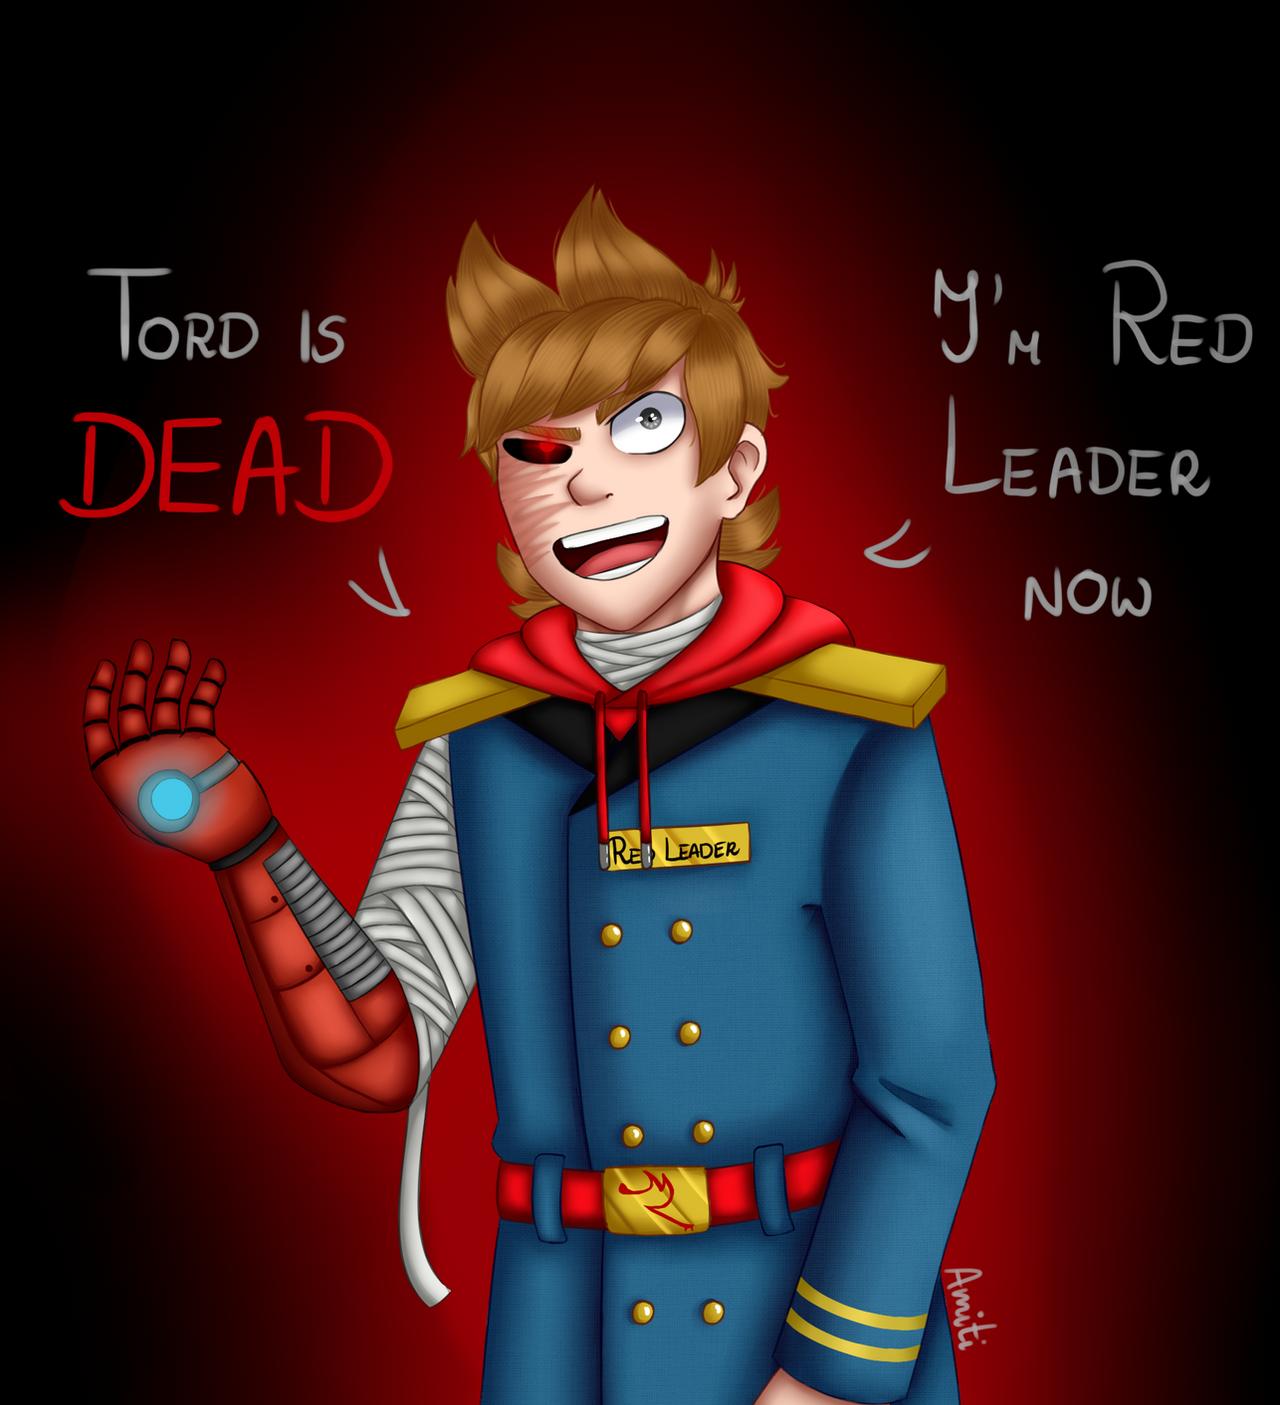 Tord is dead by AmitiArt